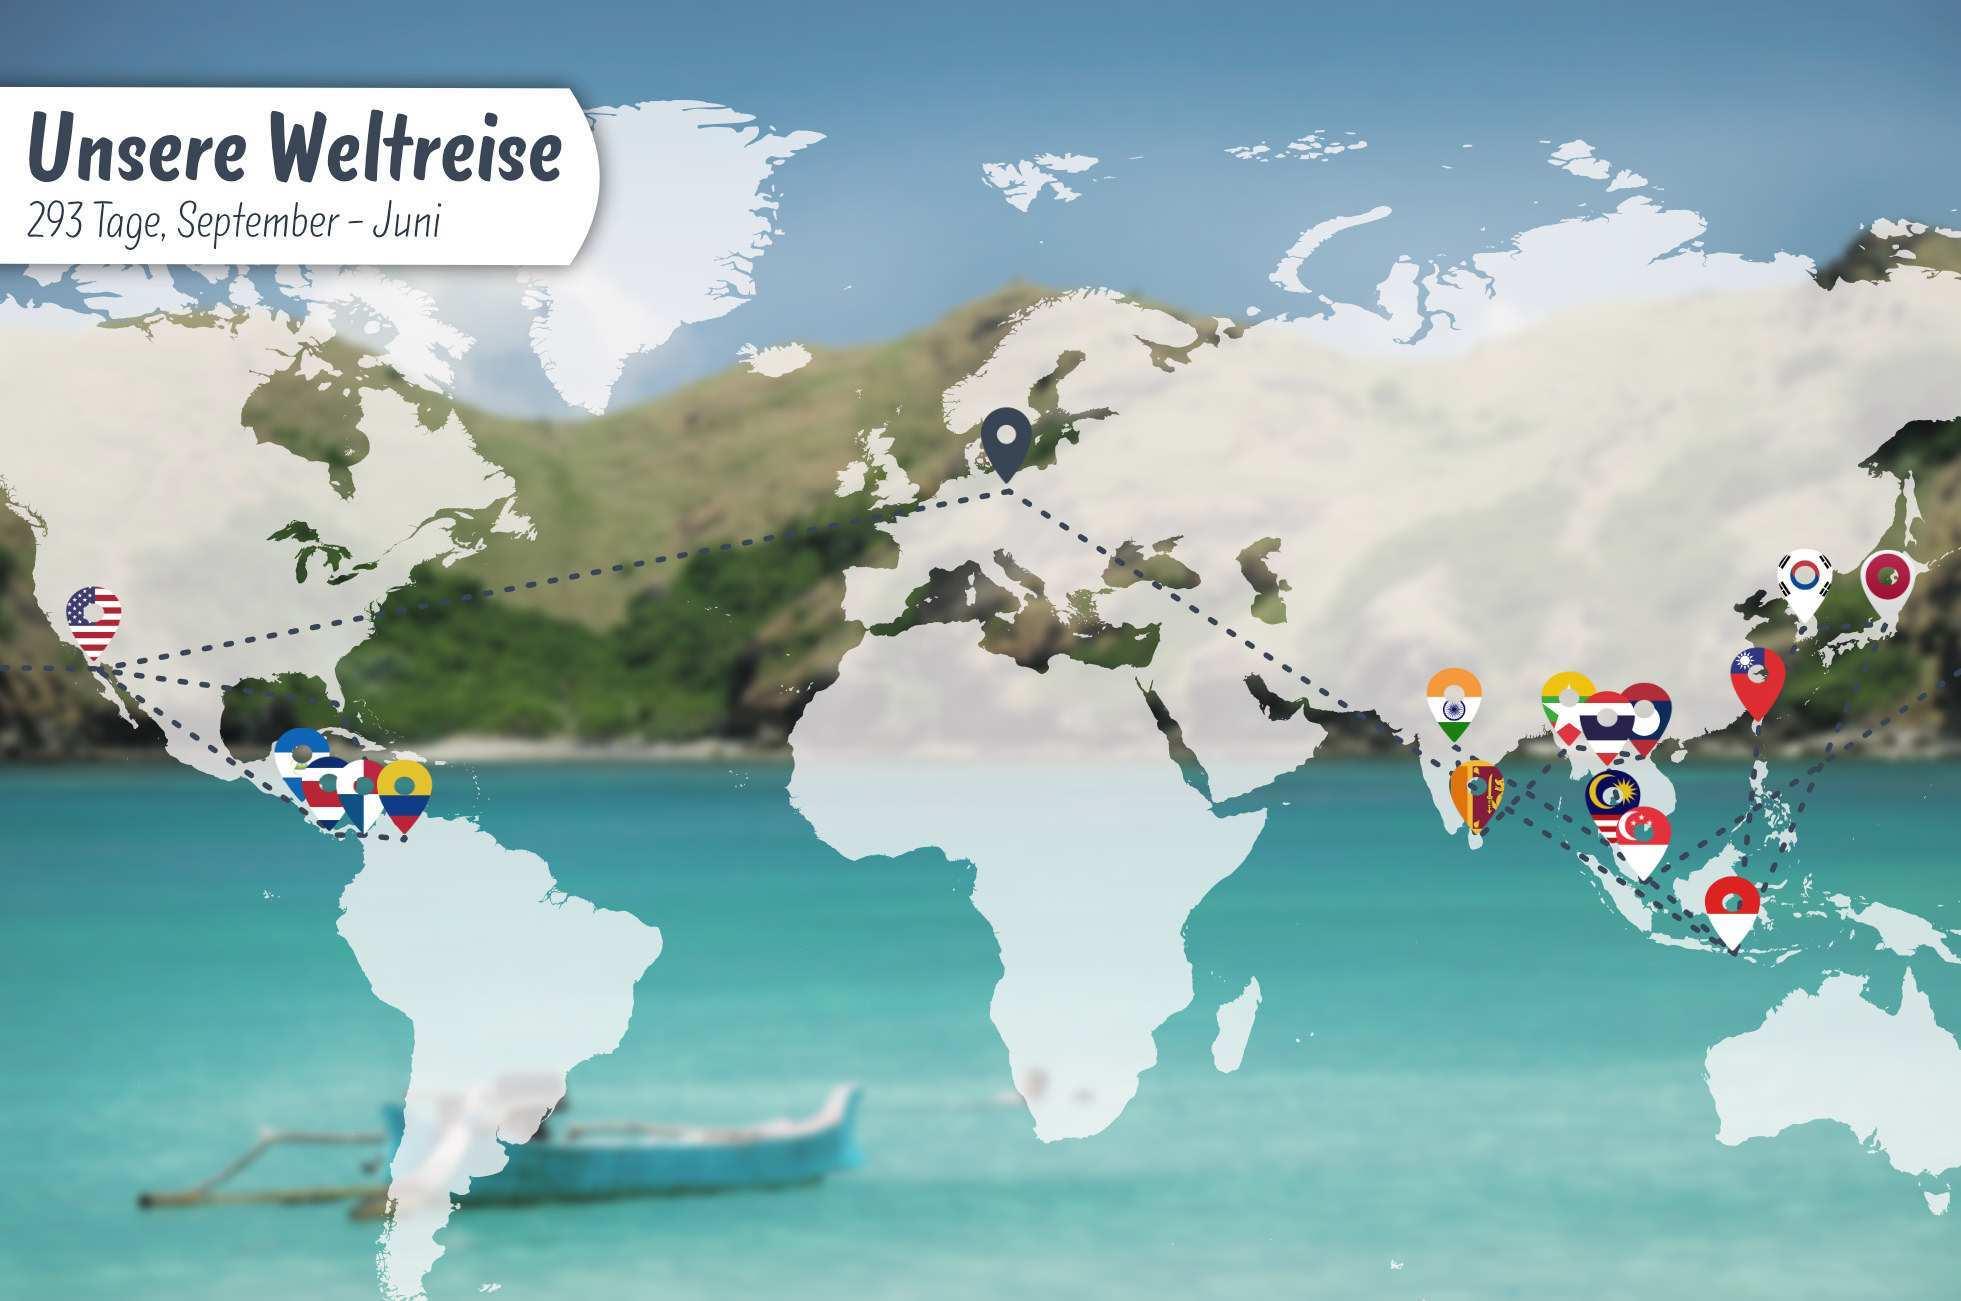 Unsere Weltreise Route 10 Monate Um Die Welt Ferngeschehen